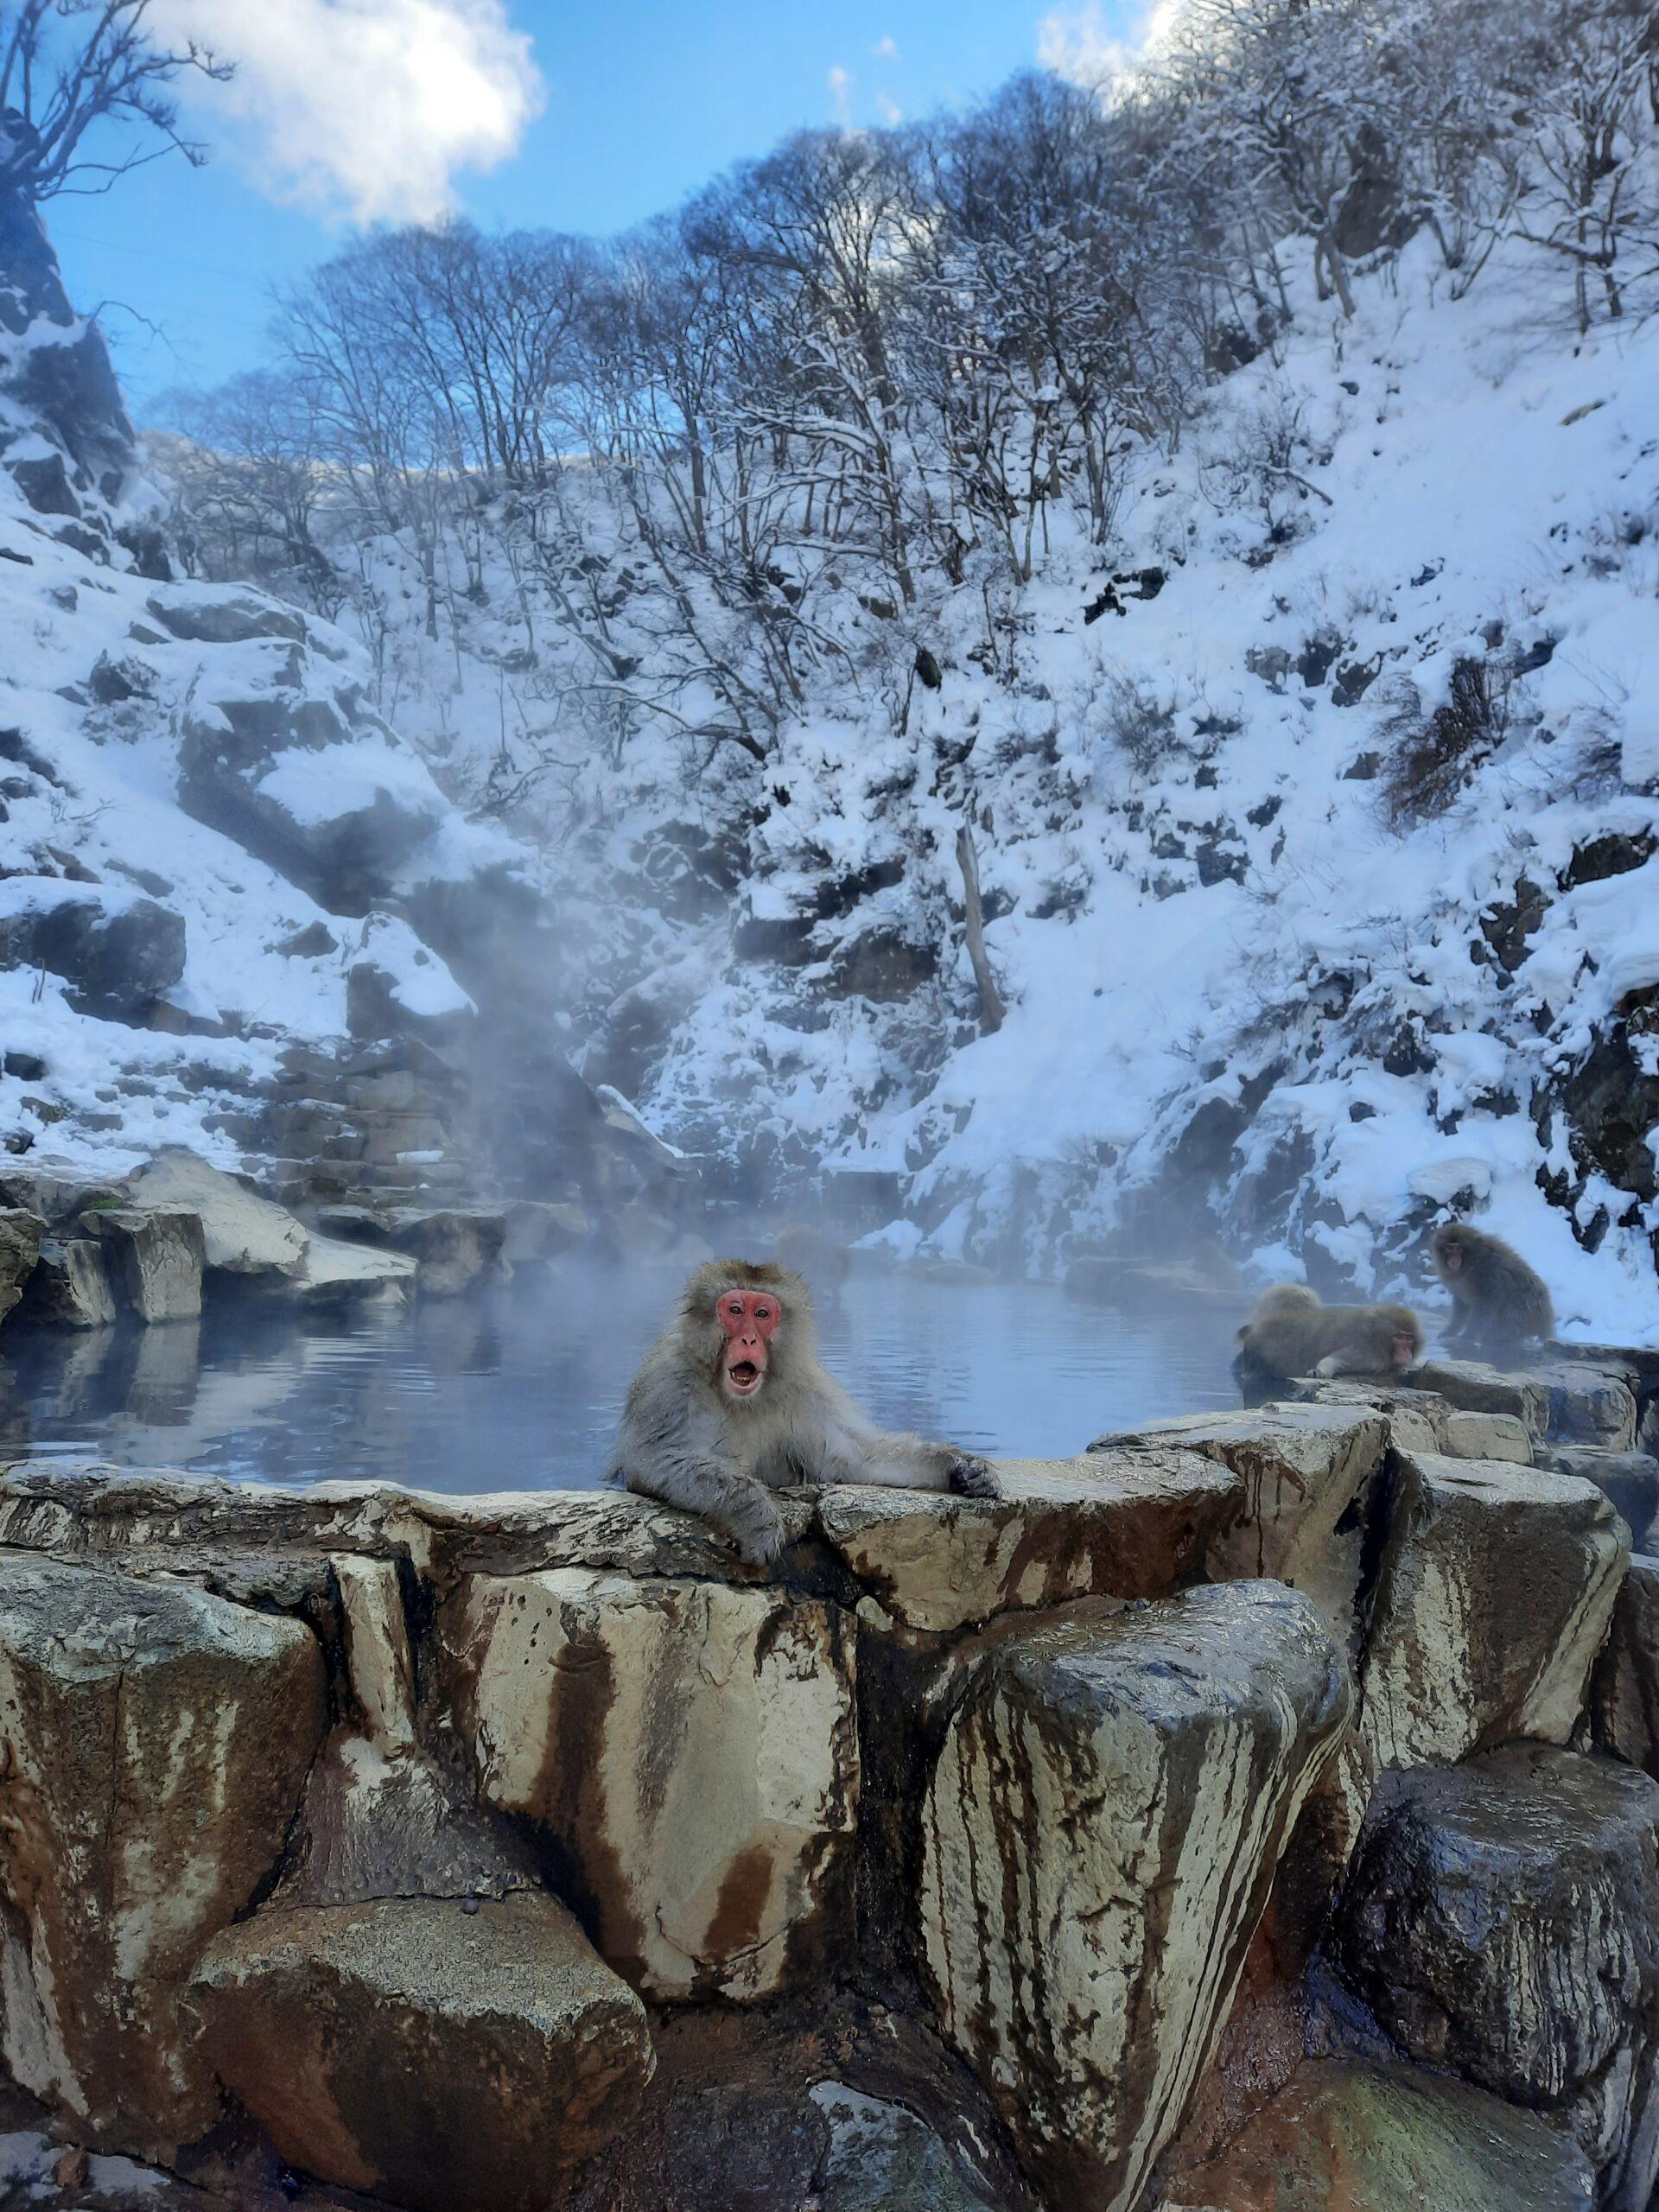 Bei den kalten Wintertemperaturen tut ein warmes Bad gut